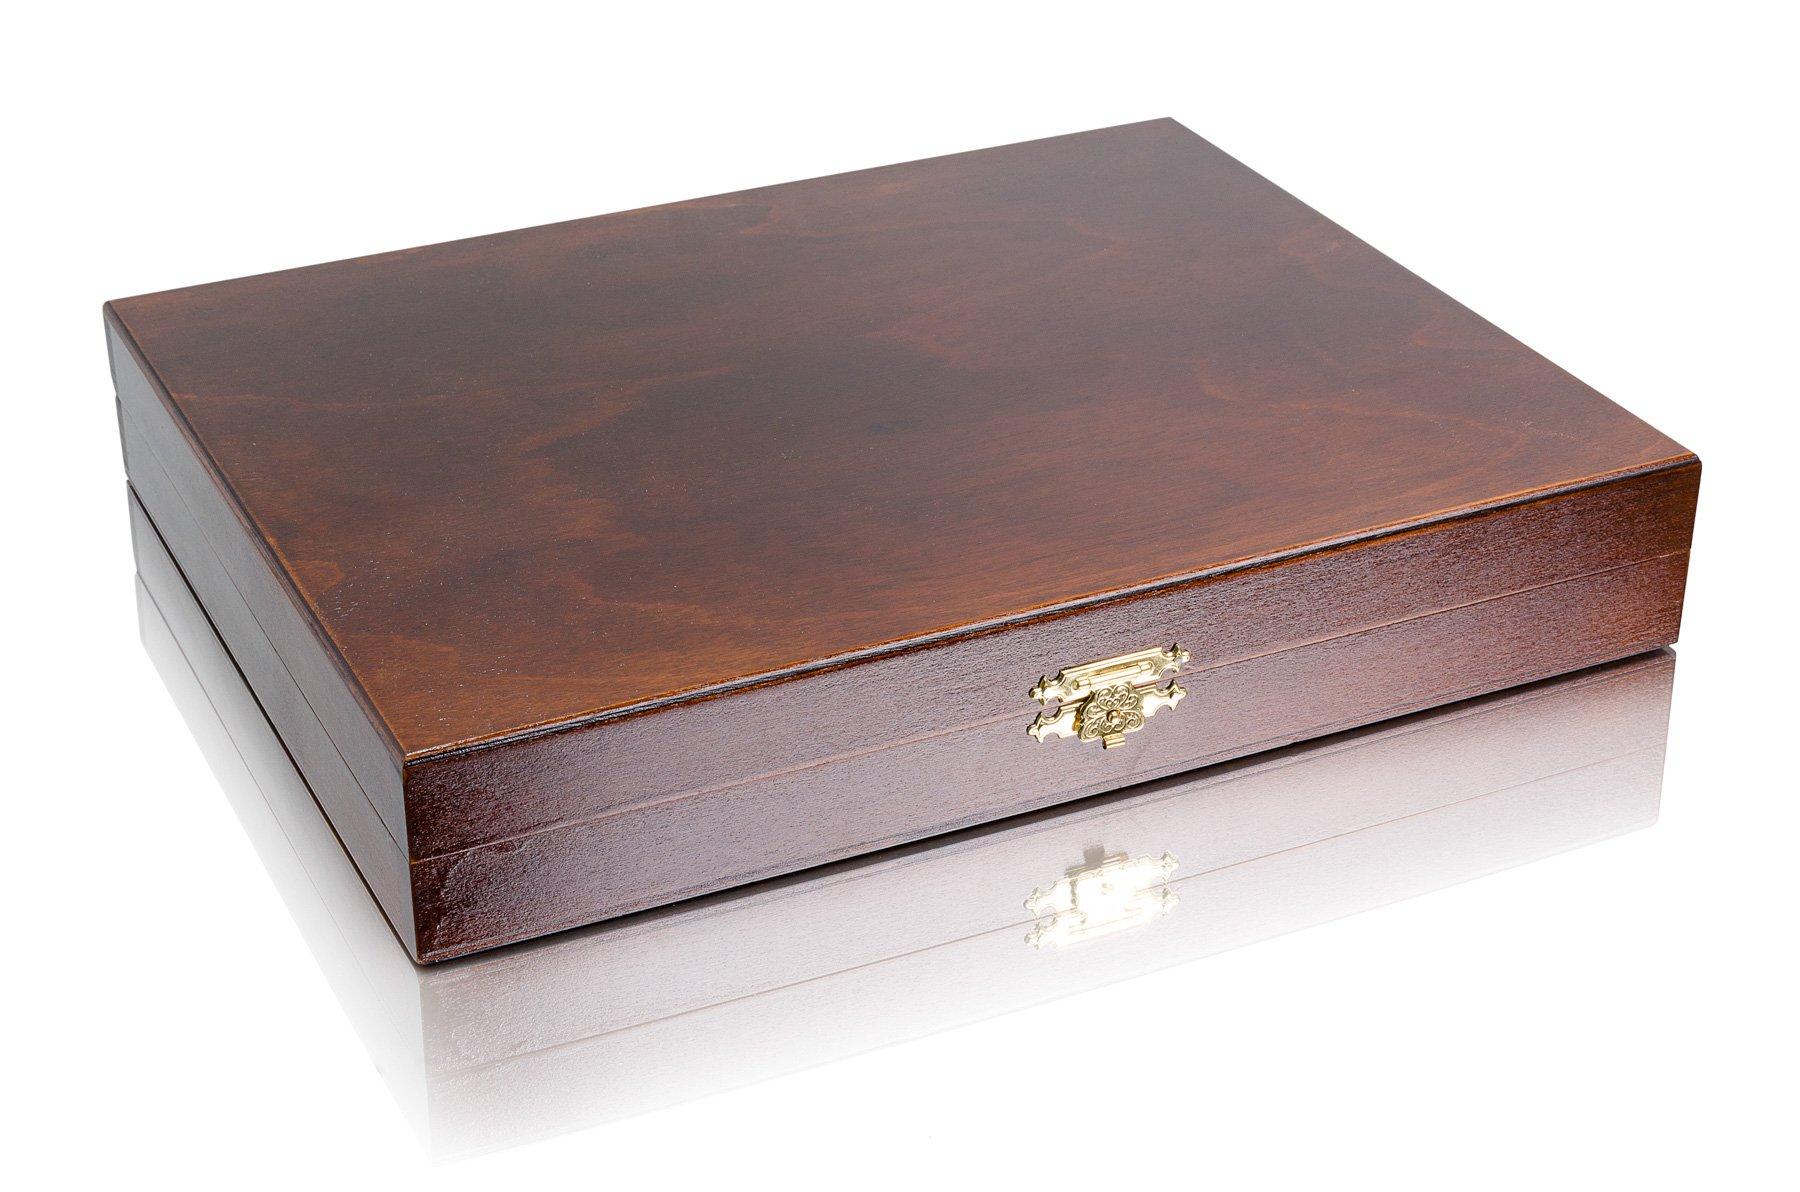 Master-of-Chess-Staunton-No5-Deluxe-Professionelle-gewichtete-Schachfiguren-aus-Holz-in-exklusiver-Holzbox